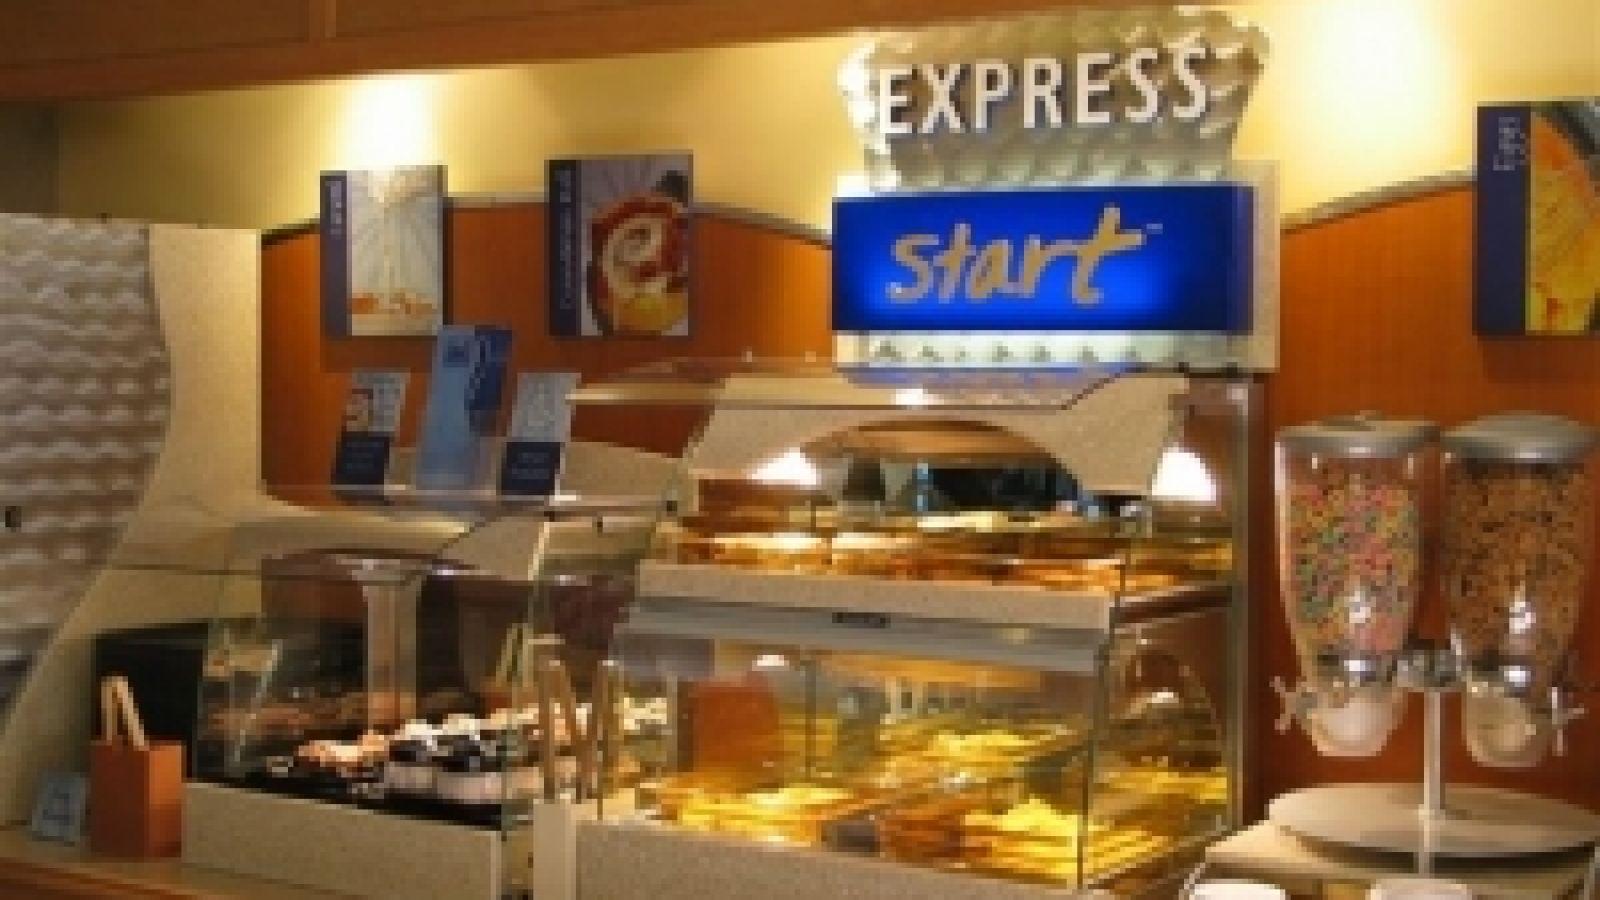 Kanata Kelowna Hotel & Conference Centre - breakfast bar